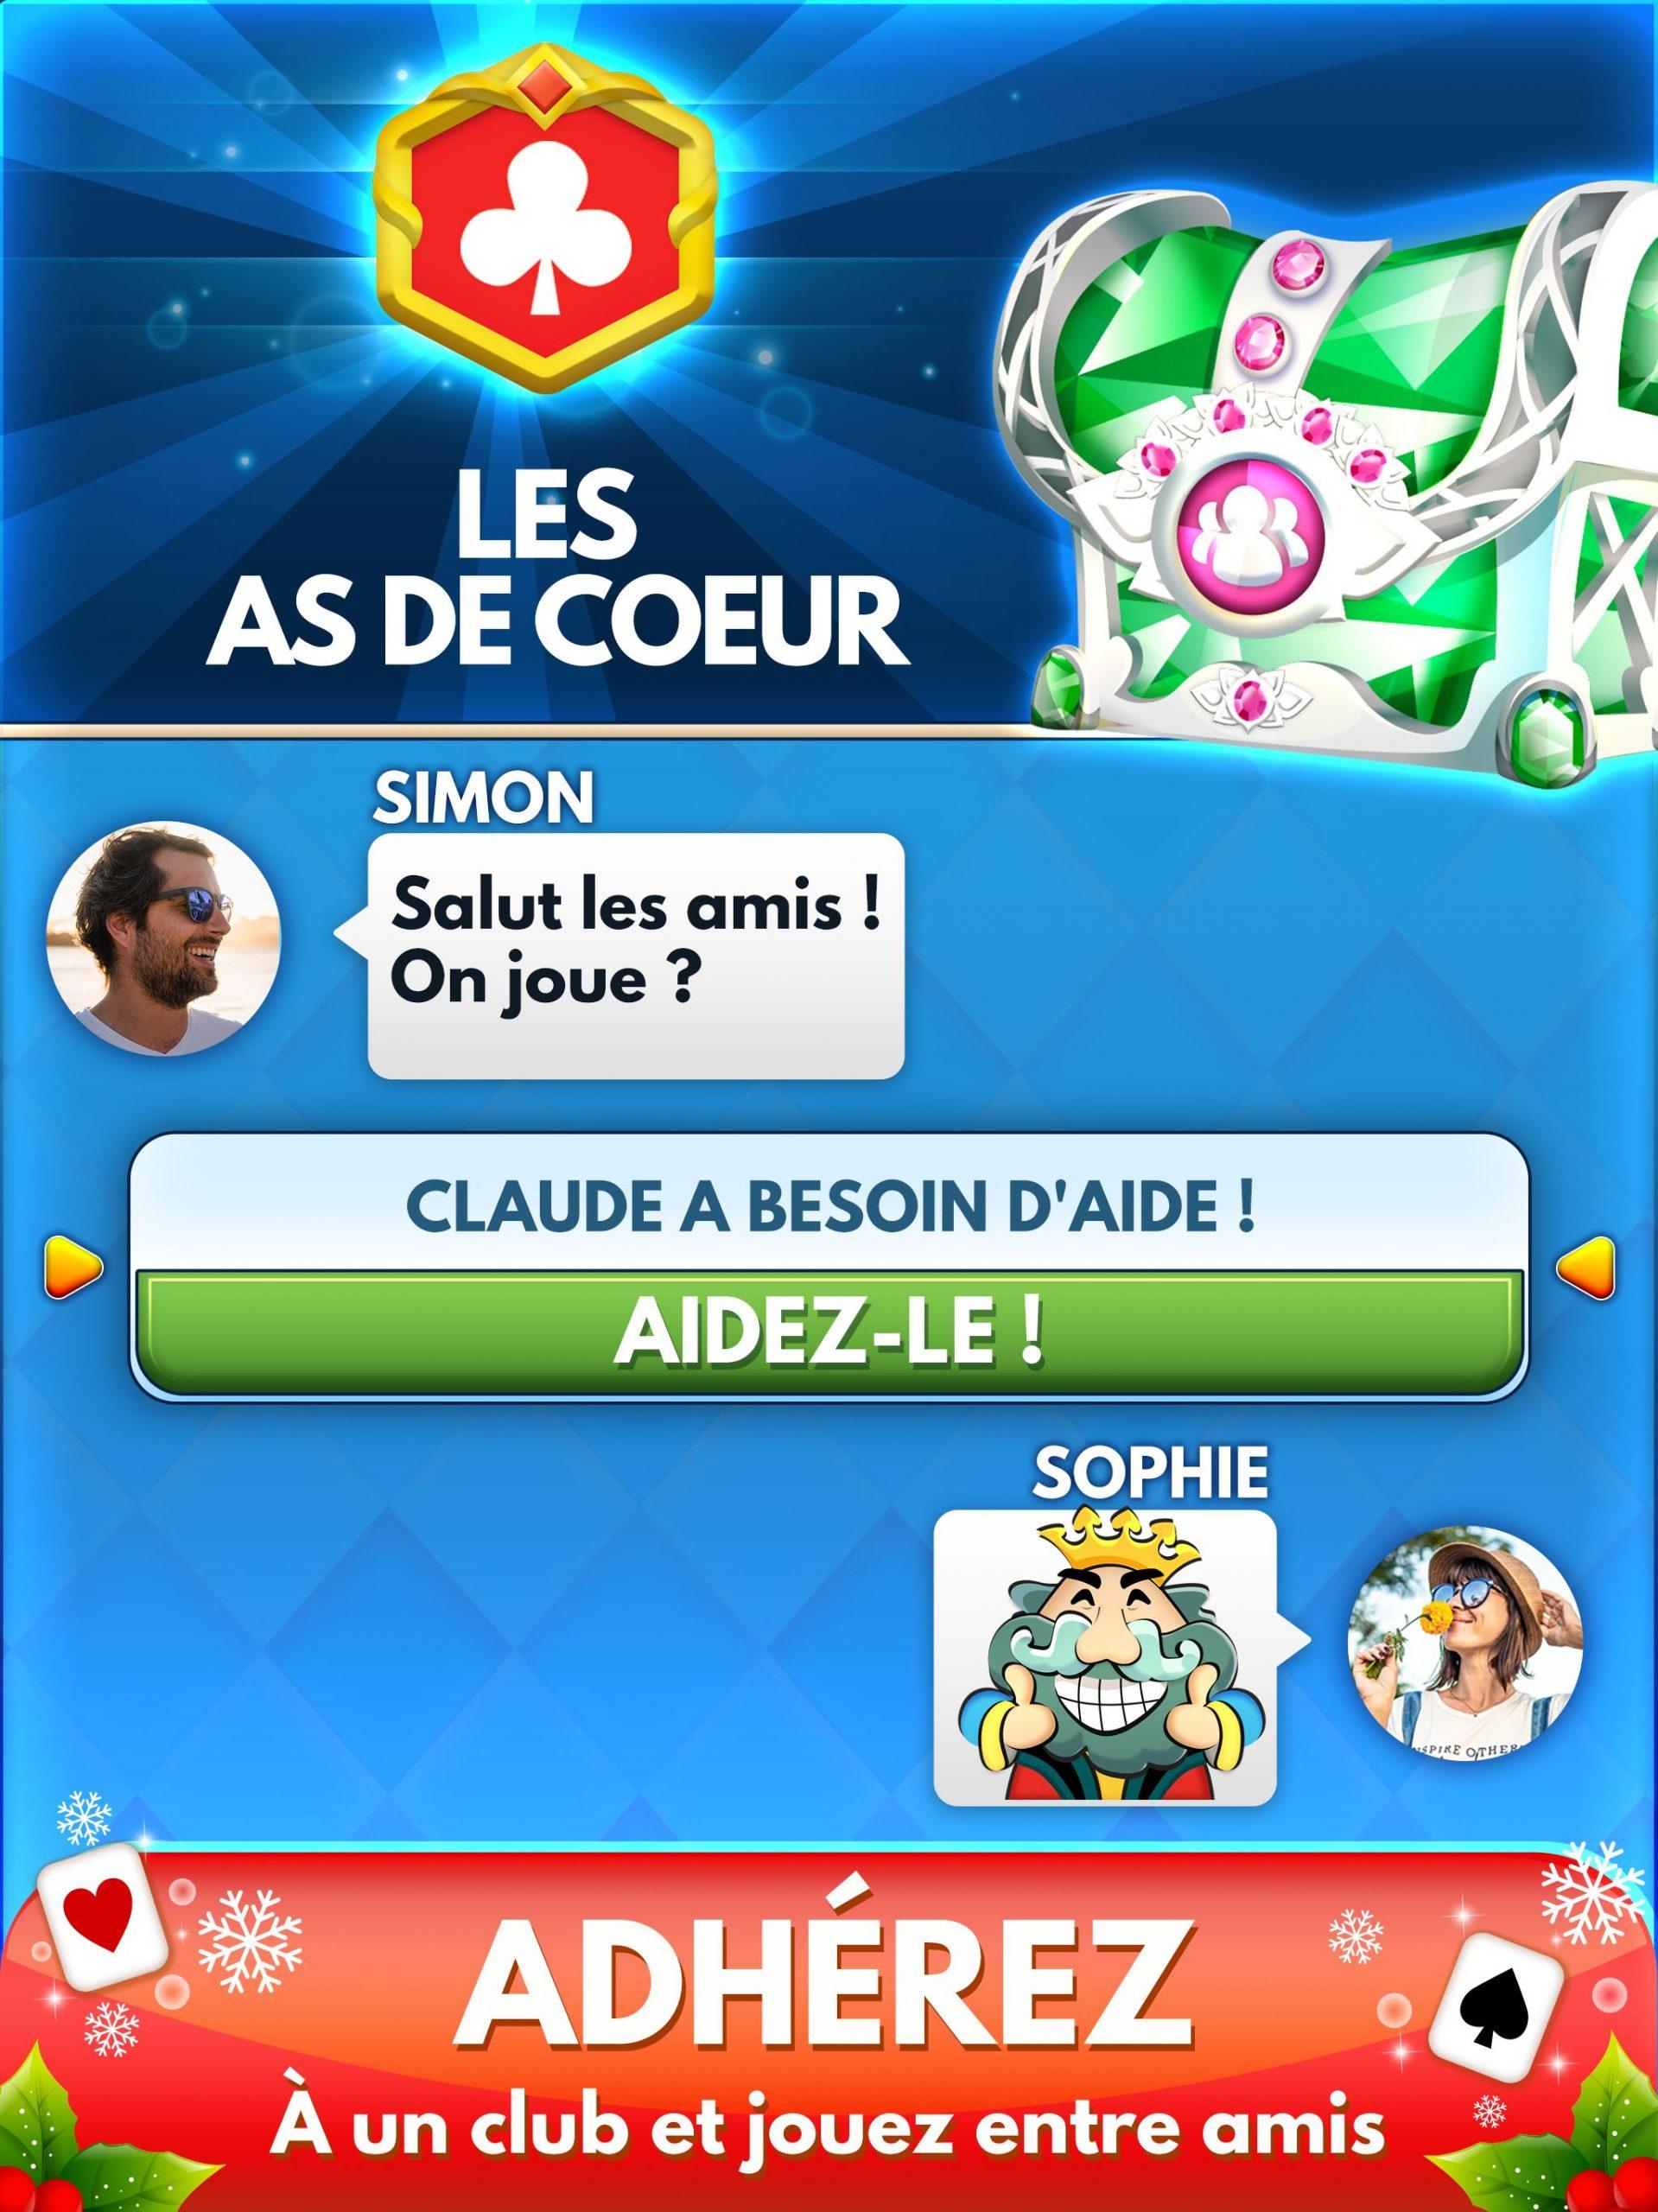 Android Için Belote & Coinche : Le Défi - Jeu En Ligne avec Jeux De Rebus